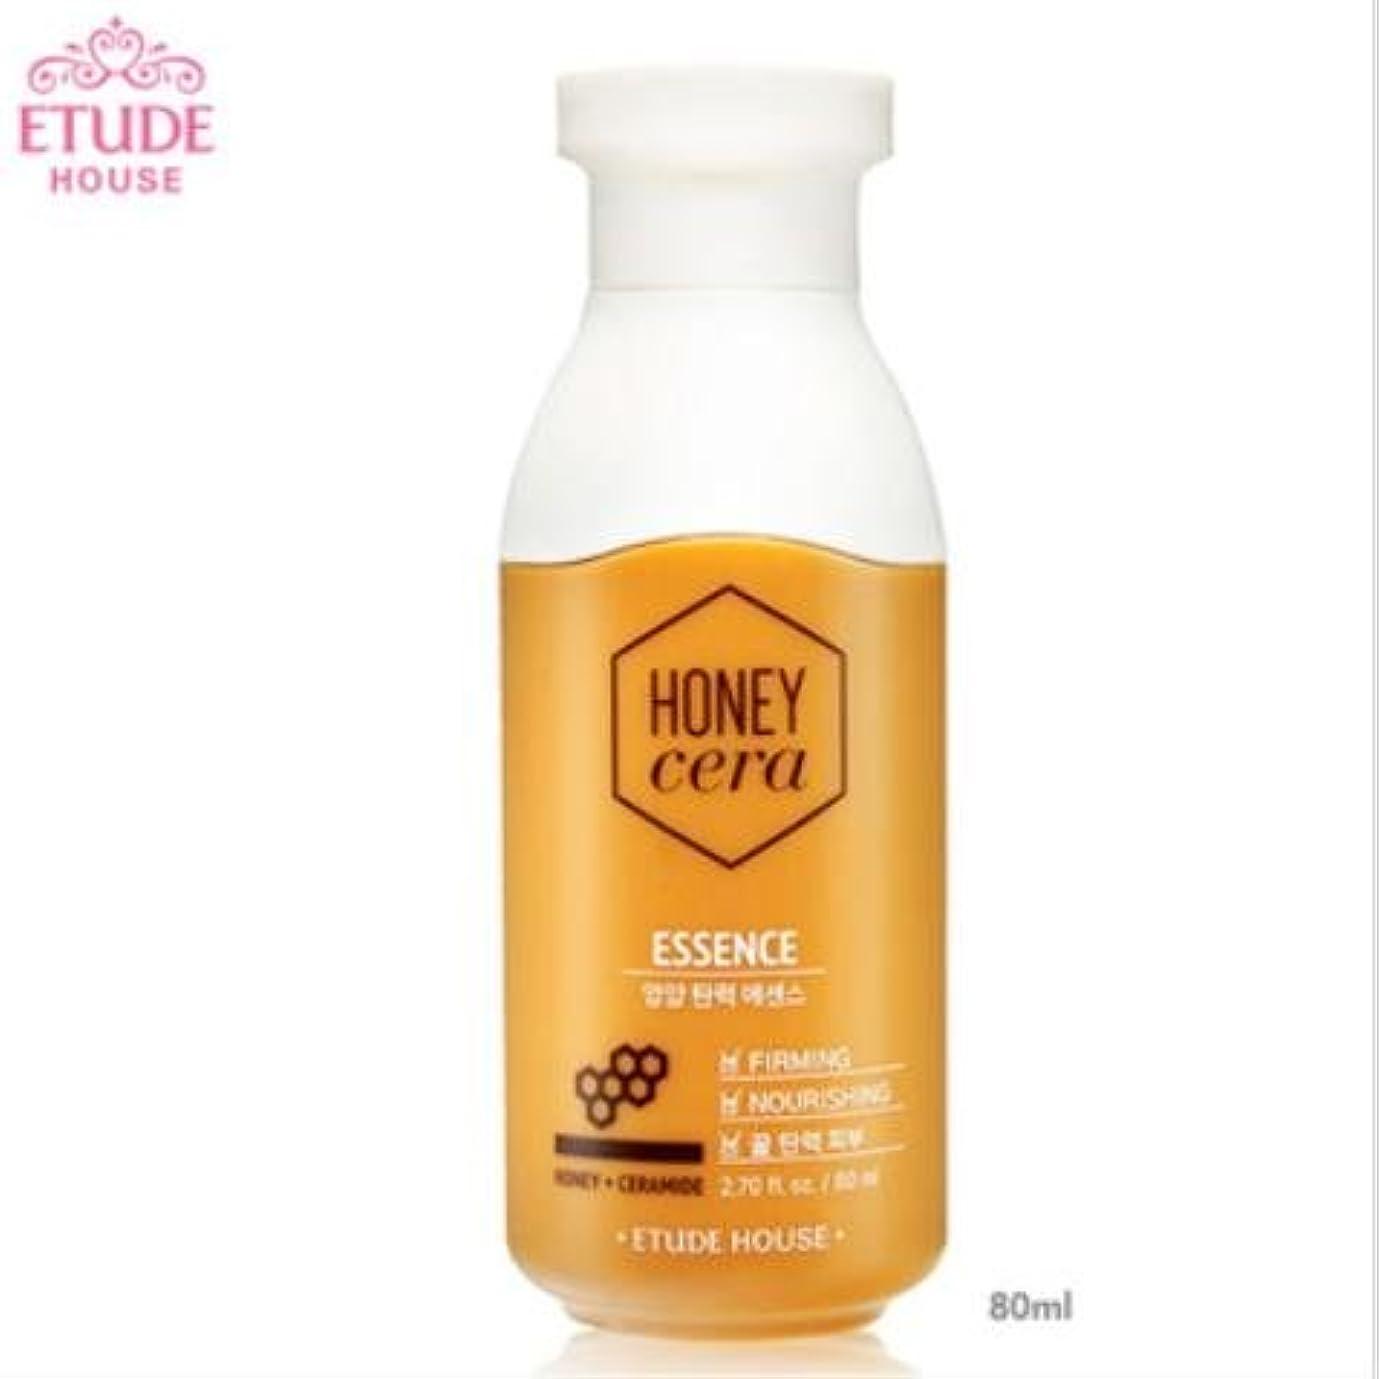 占める繕う音[エチュードハウス] ETUDE HOUSE [ハニーセラ 栄養弾力 エッセンス 80ml] (Honey Sarah nutrition elastic Essence 80ml) [並行輸入品]